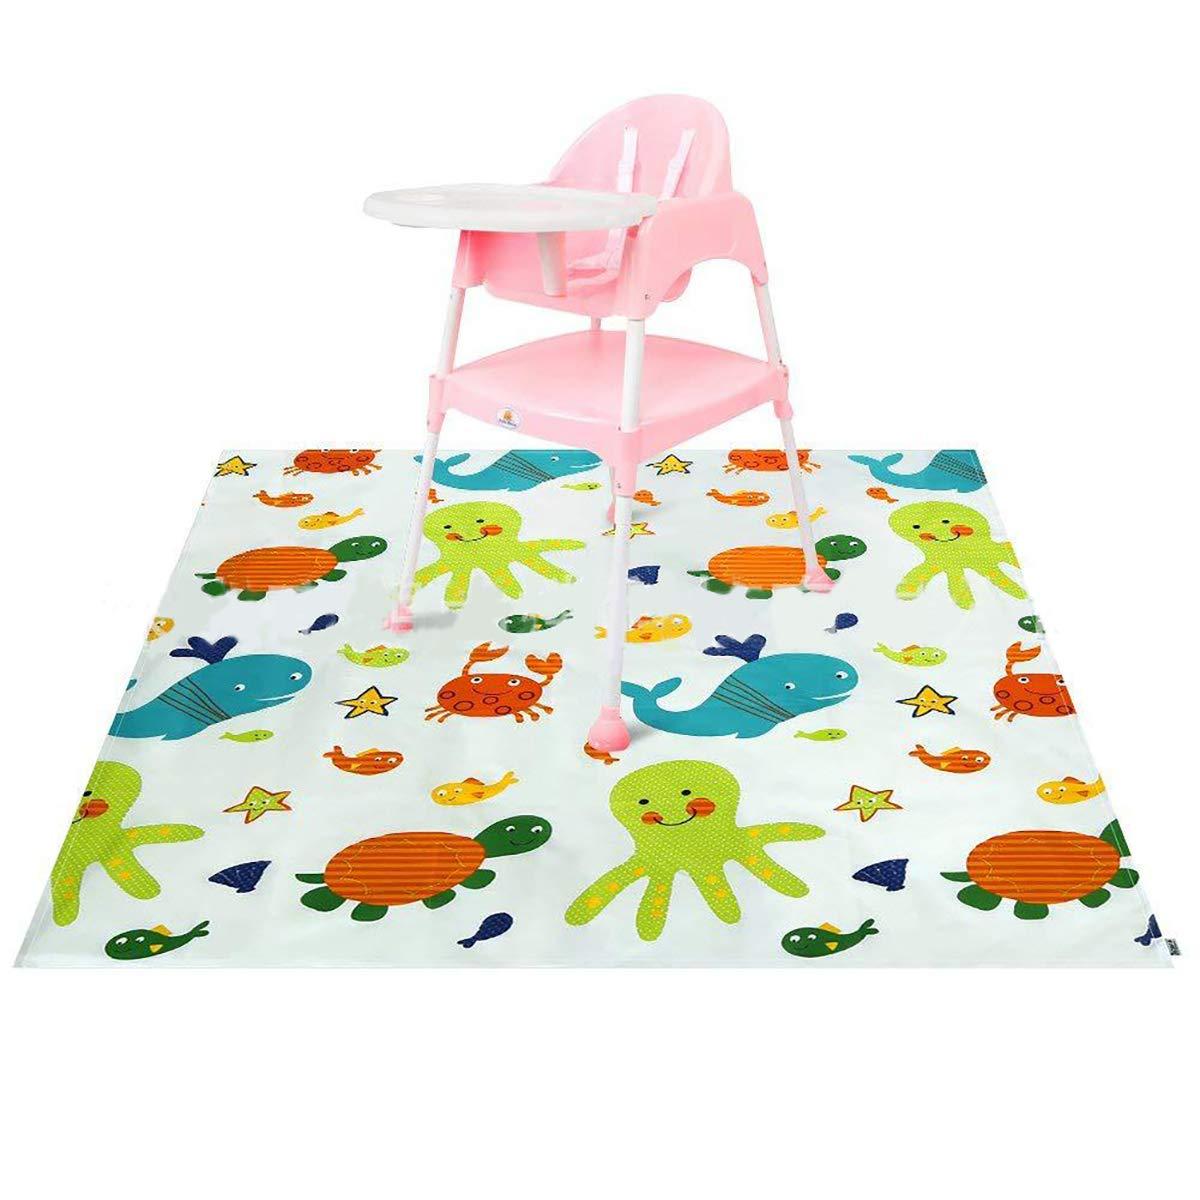 Funhoo Spritzschutzmatte Baby Hochstuhl Kinder Splash Mat Rutschfeste Bodenschutz Mahlzeit Unterlage Wasserdicht Sicher Fu/ßmatte Ozeanwelt